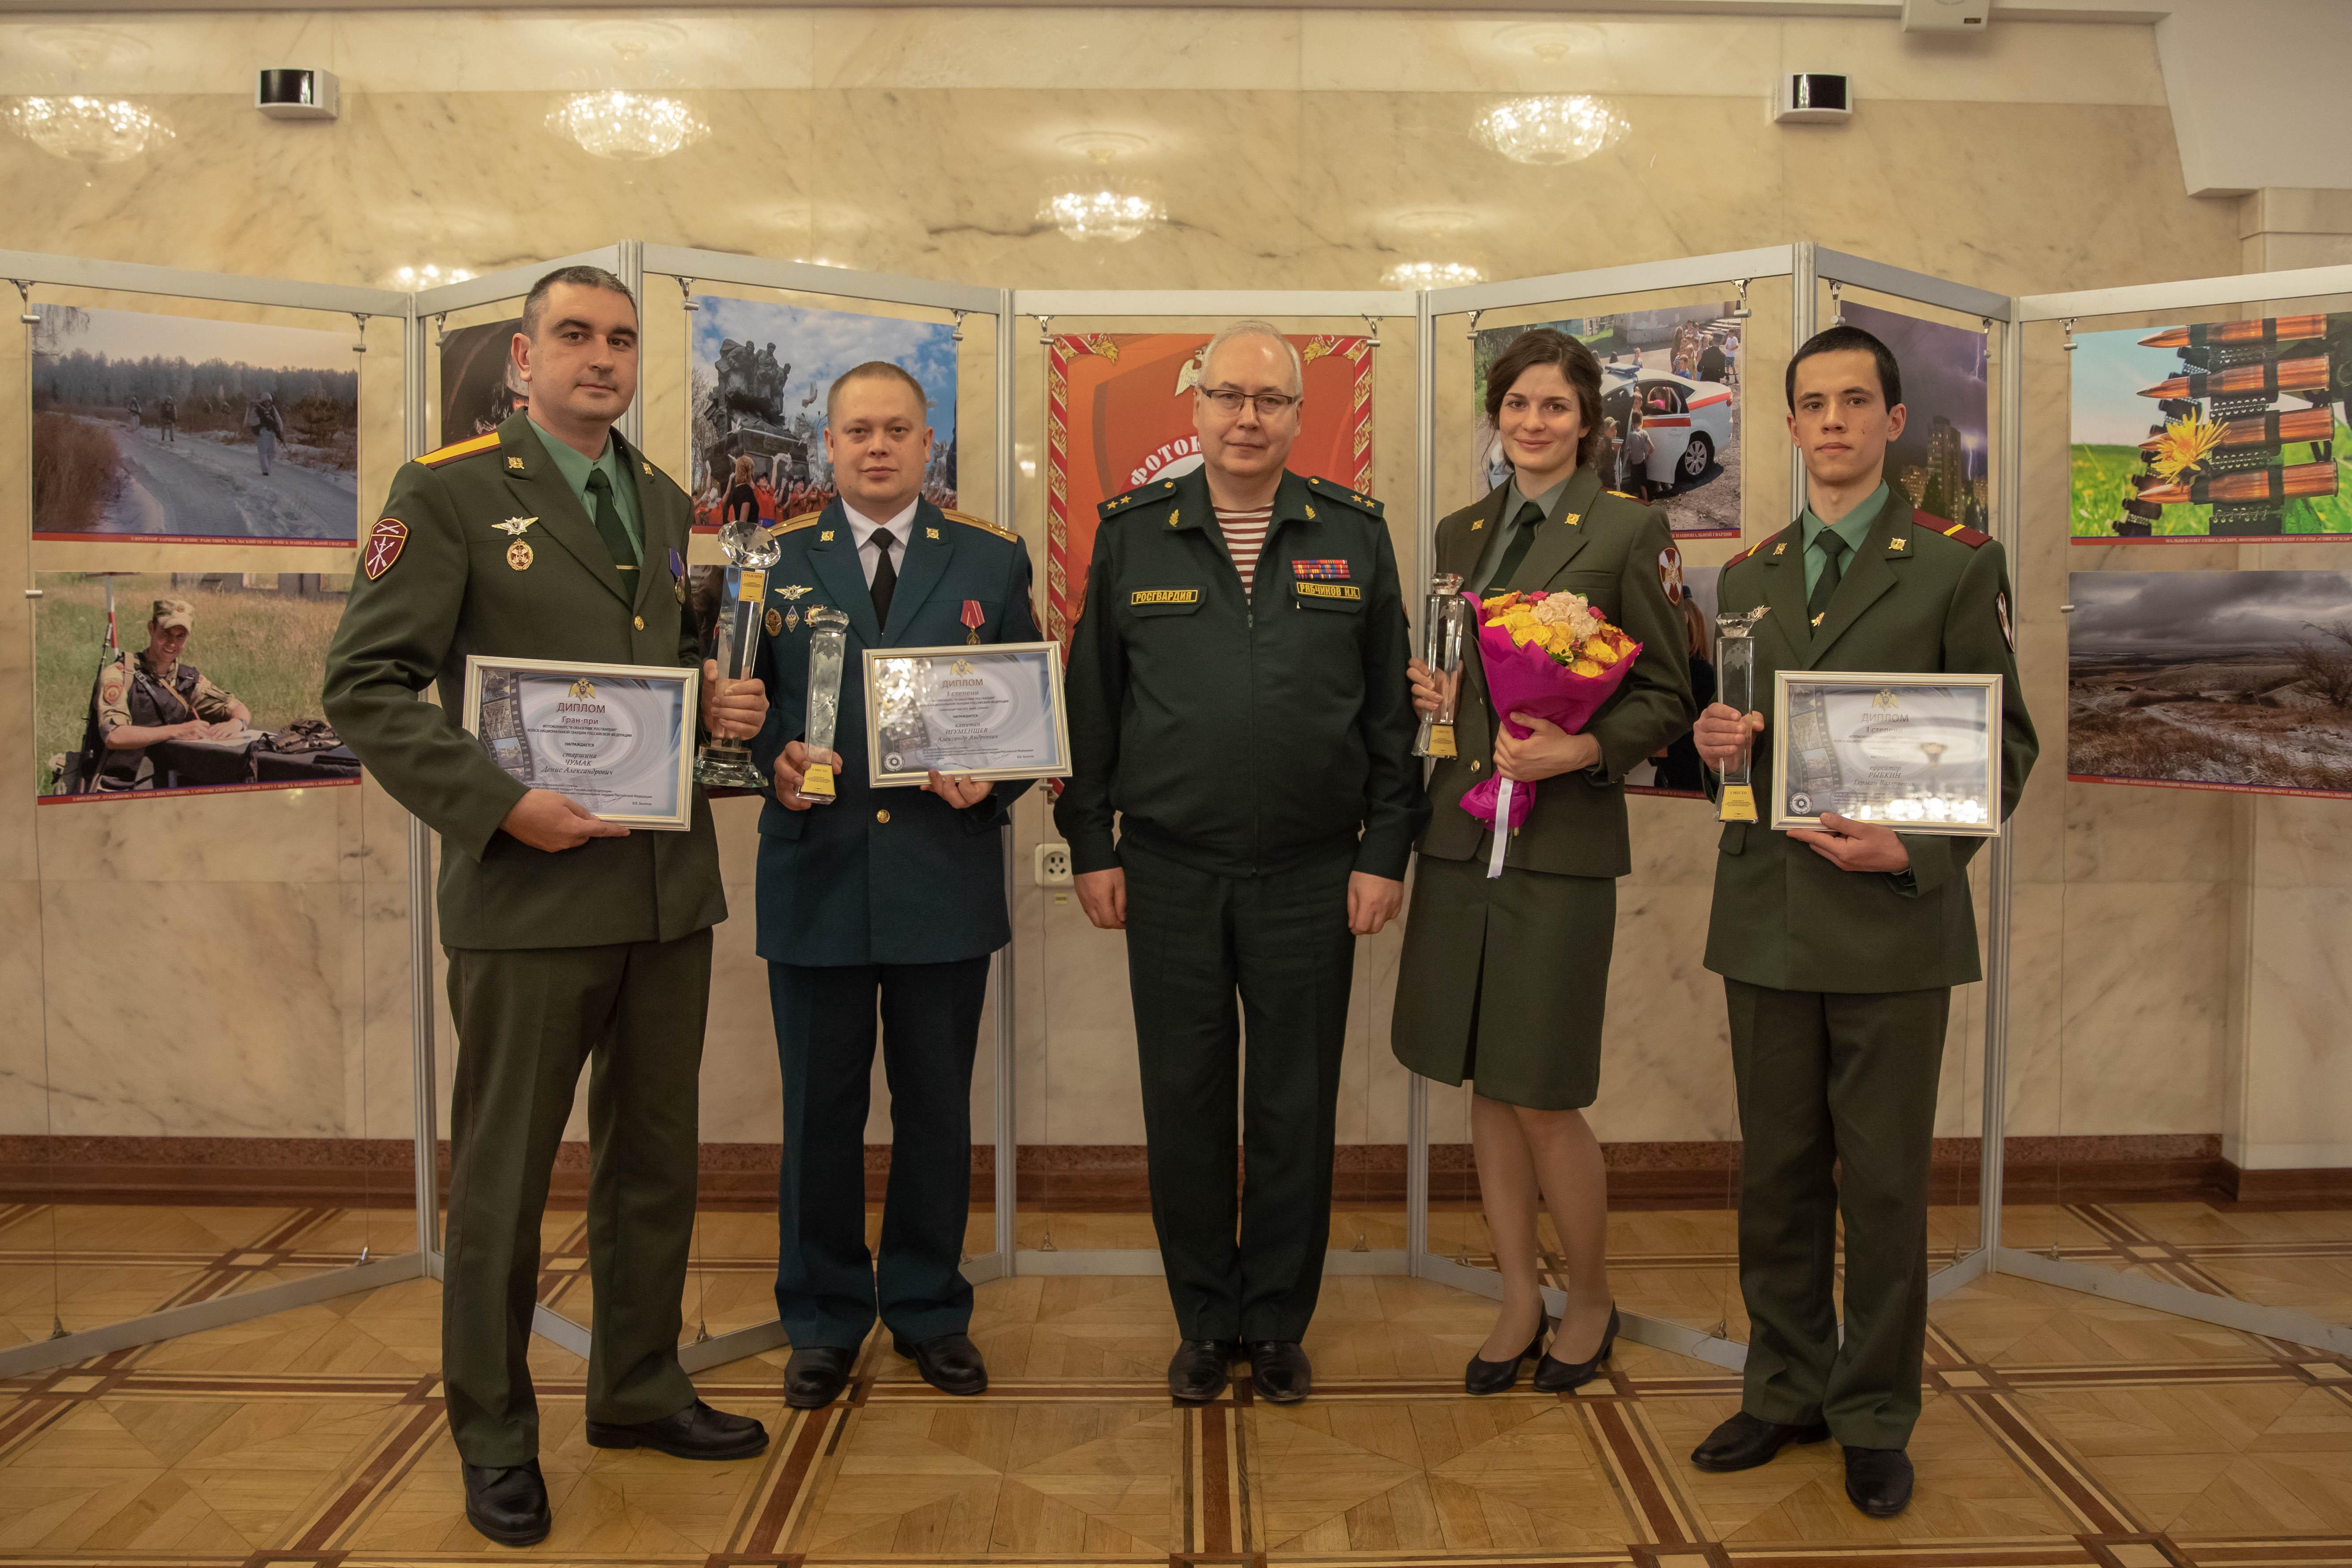 ЧЕЧНЯ. Военнослужащий из ЧР стал победителем Всероссийского фотоконкурса